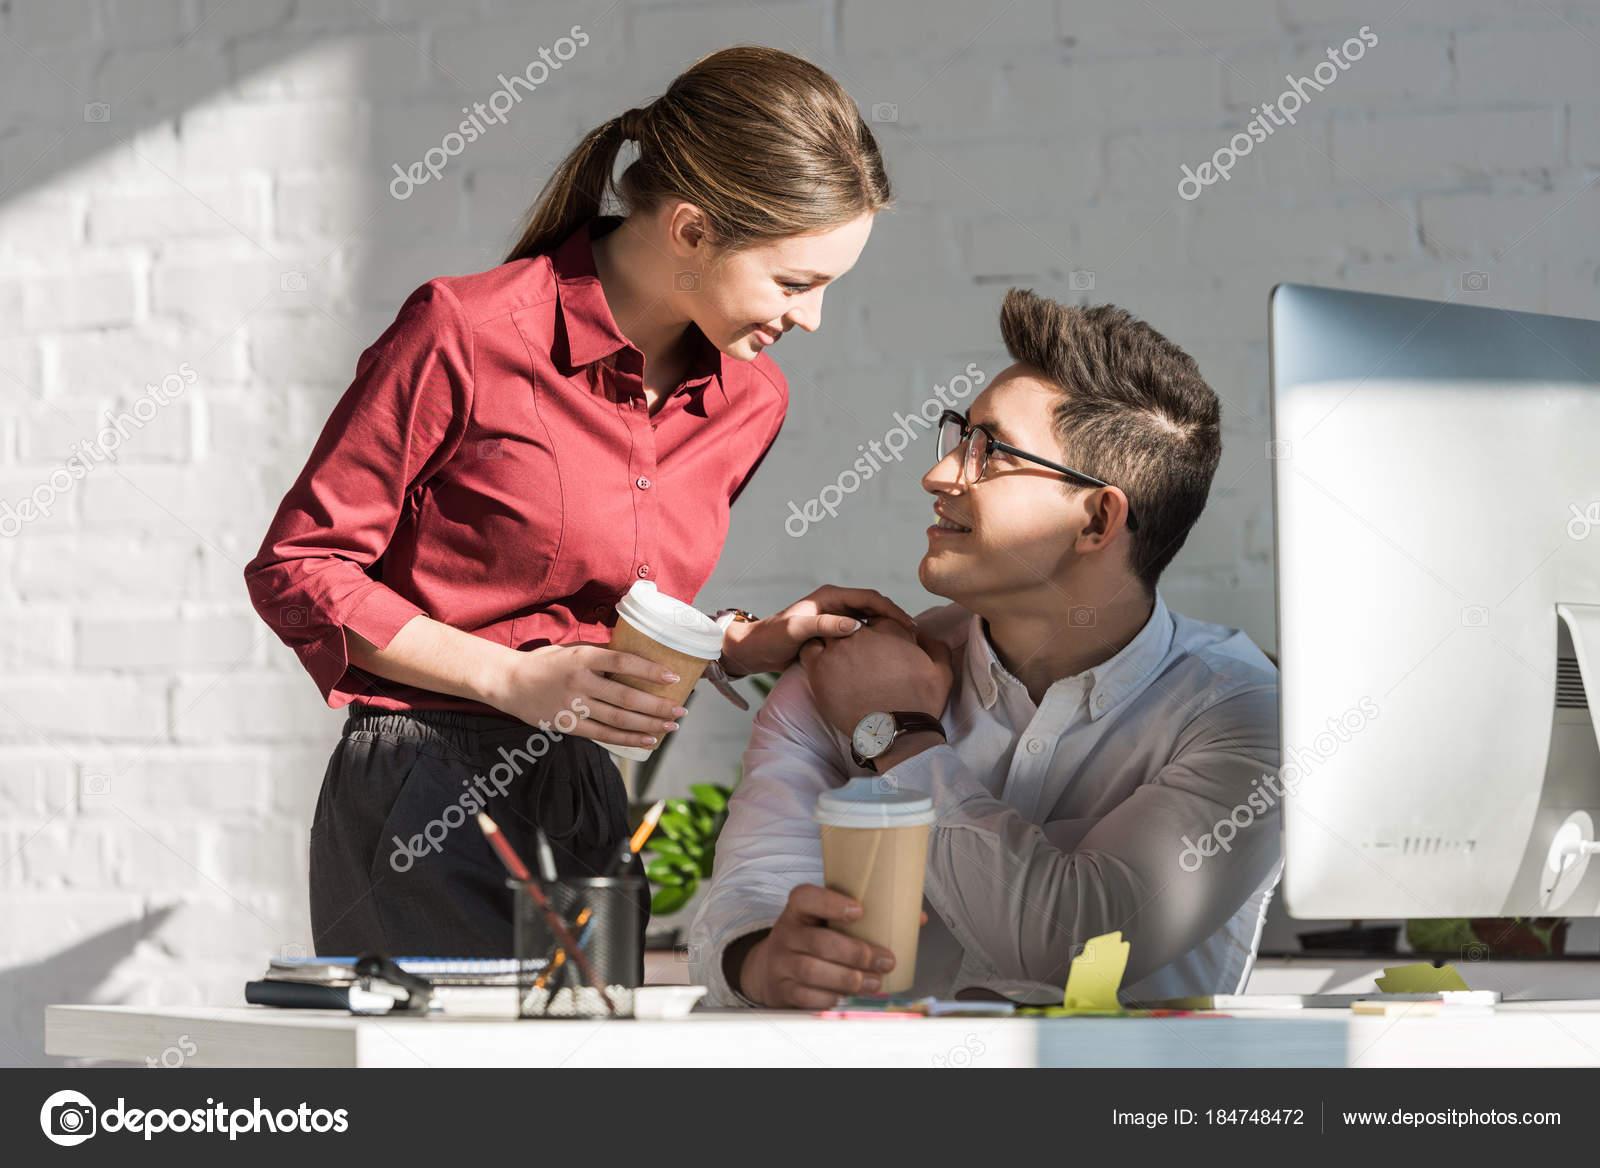 Cherche celibataire picture 6